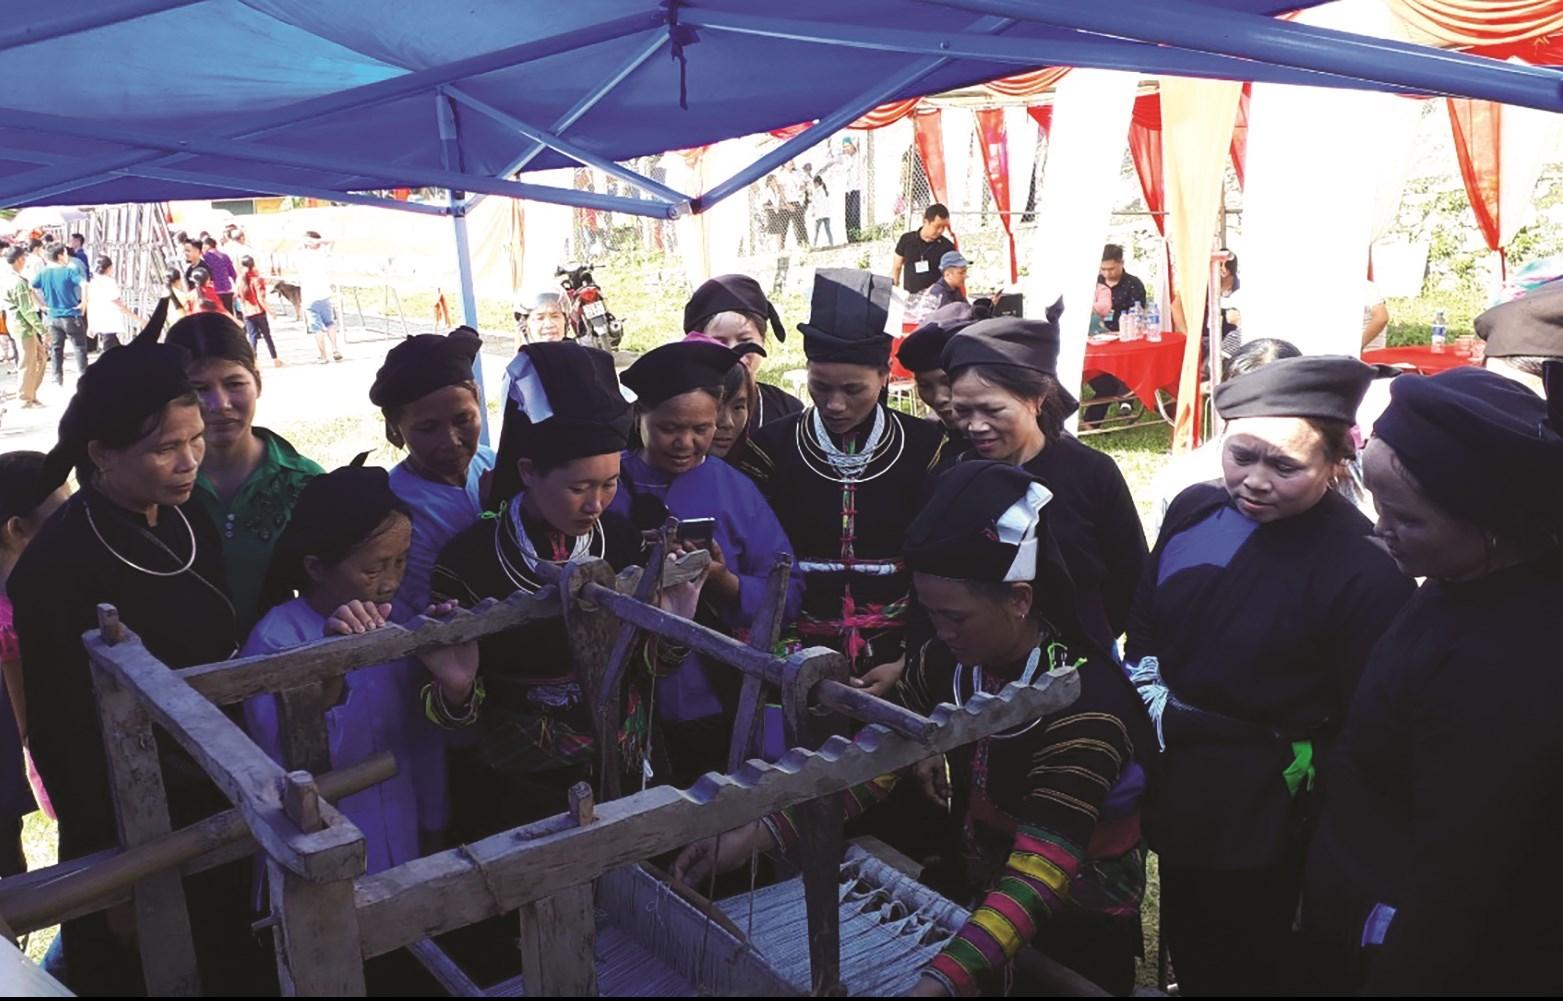 Phụ nữ Lô Lô trình diễn dệt thổ cẩm tại Ngày hội văn hóa các dân tộc huyện Bảo Lạc năm 2019